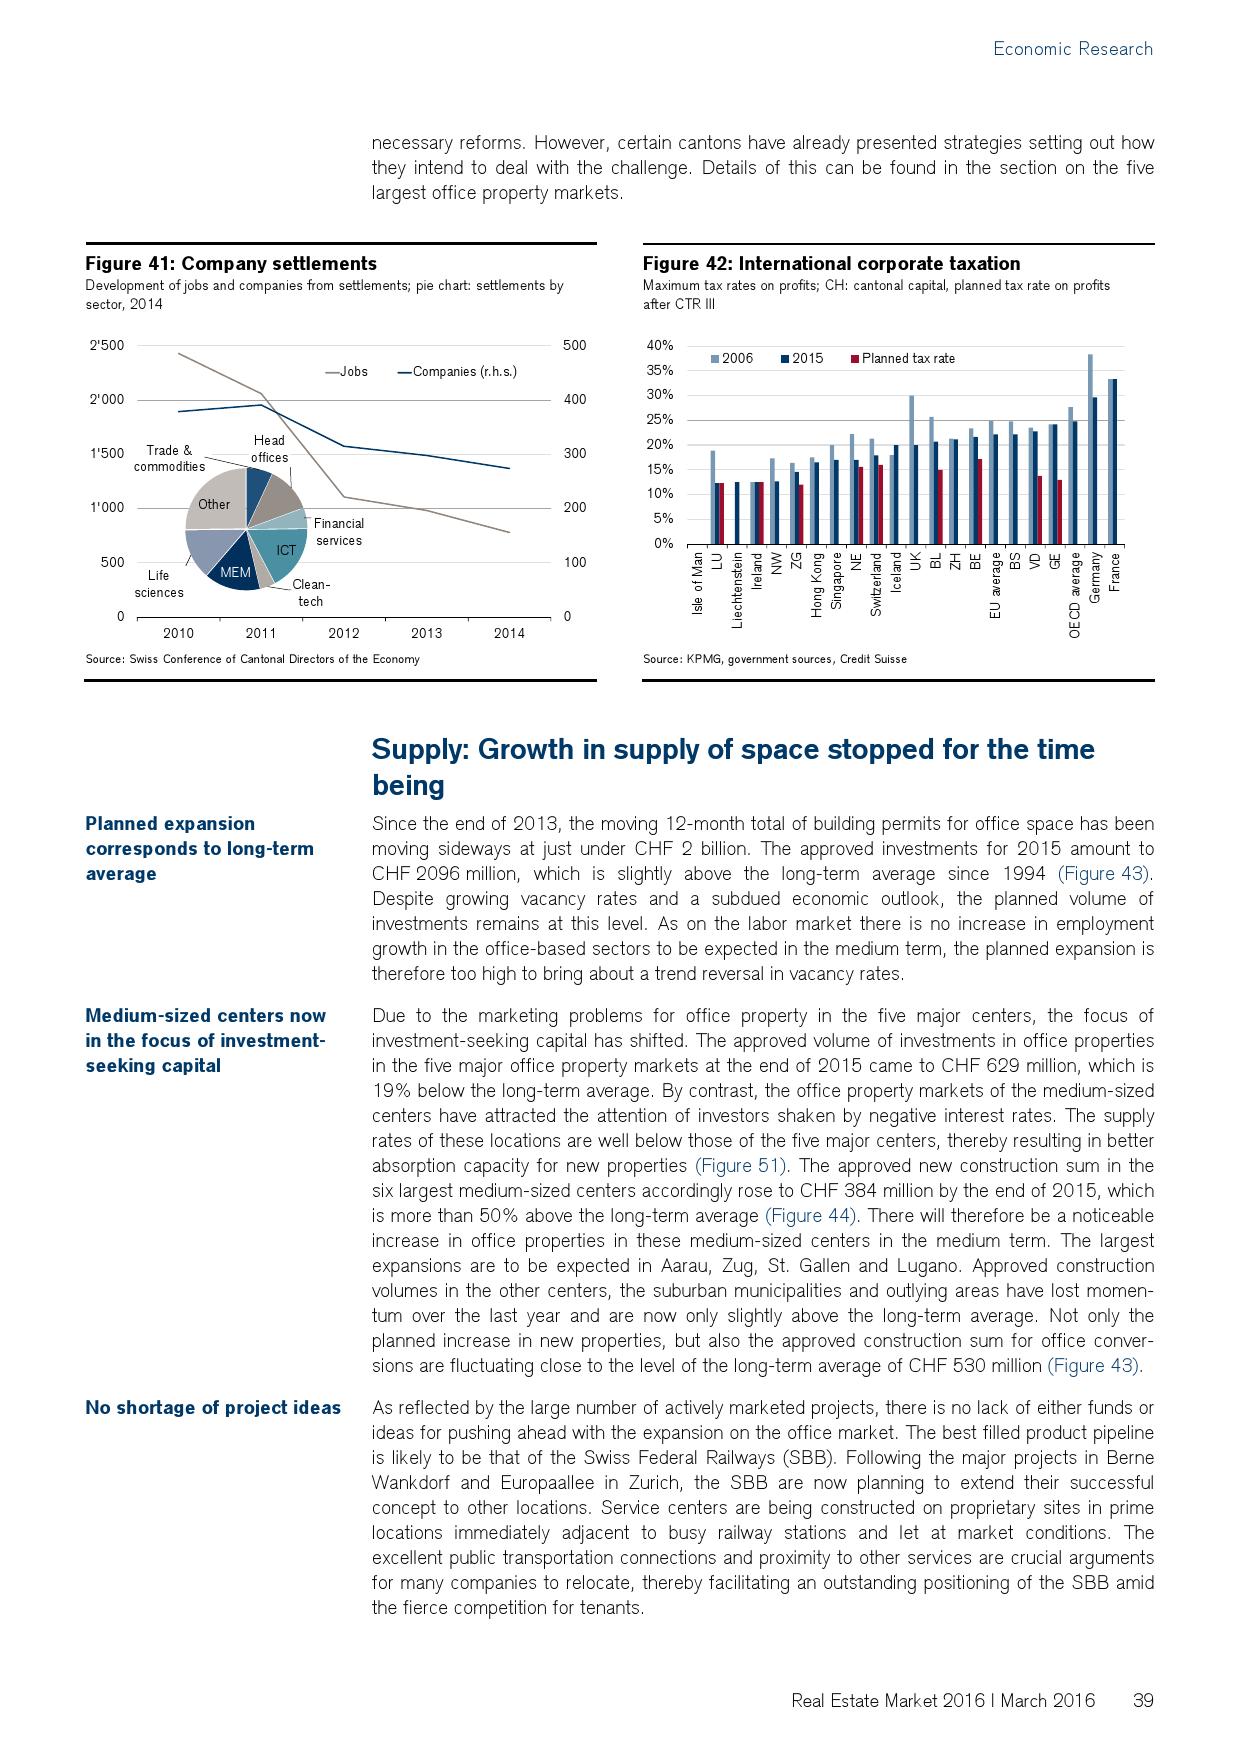 2016年瑞士房地产市场研究报告_000039